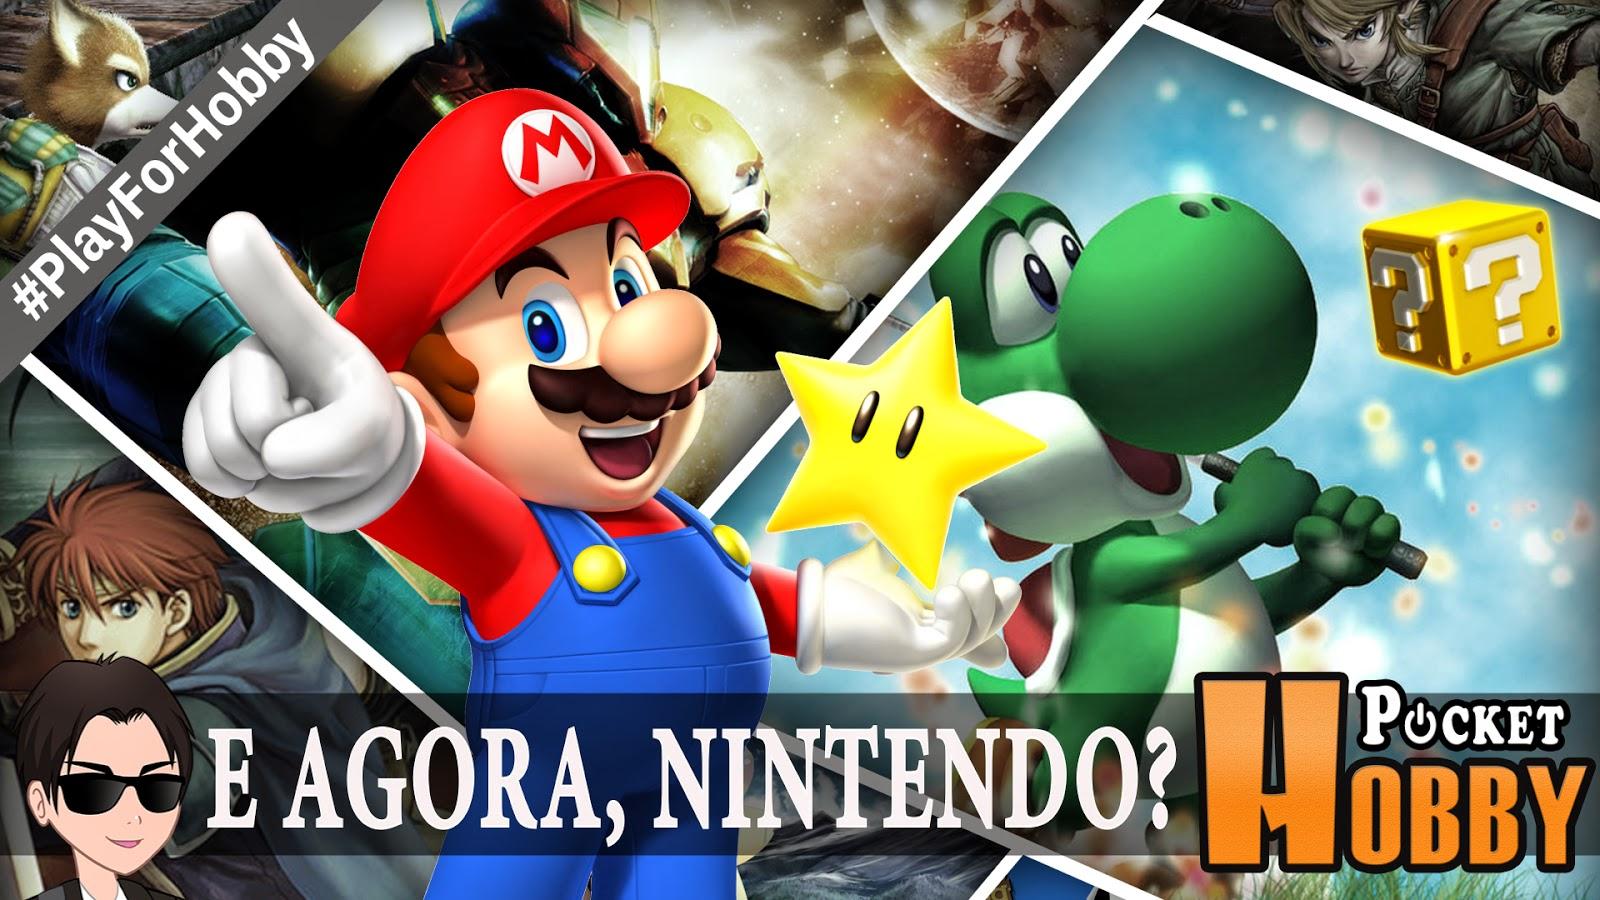 Pocket Hobby - www.pockethobby.com - Play For Hobby - E agora, Nintendo?!